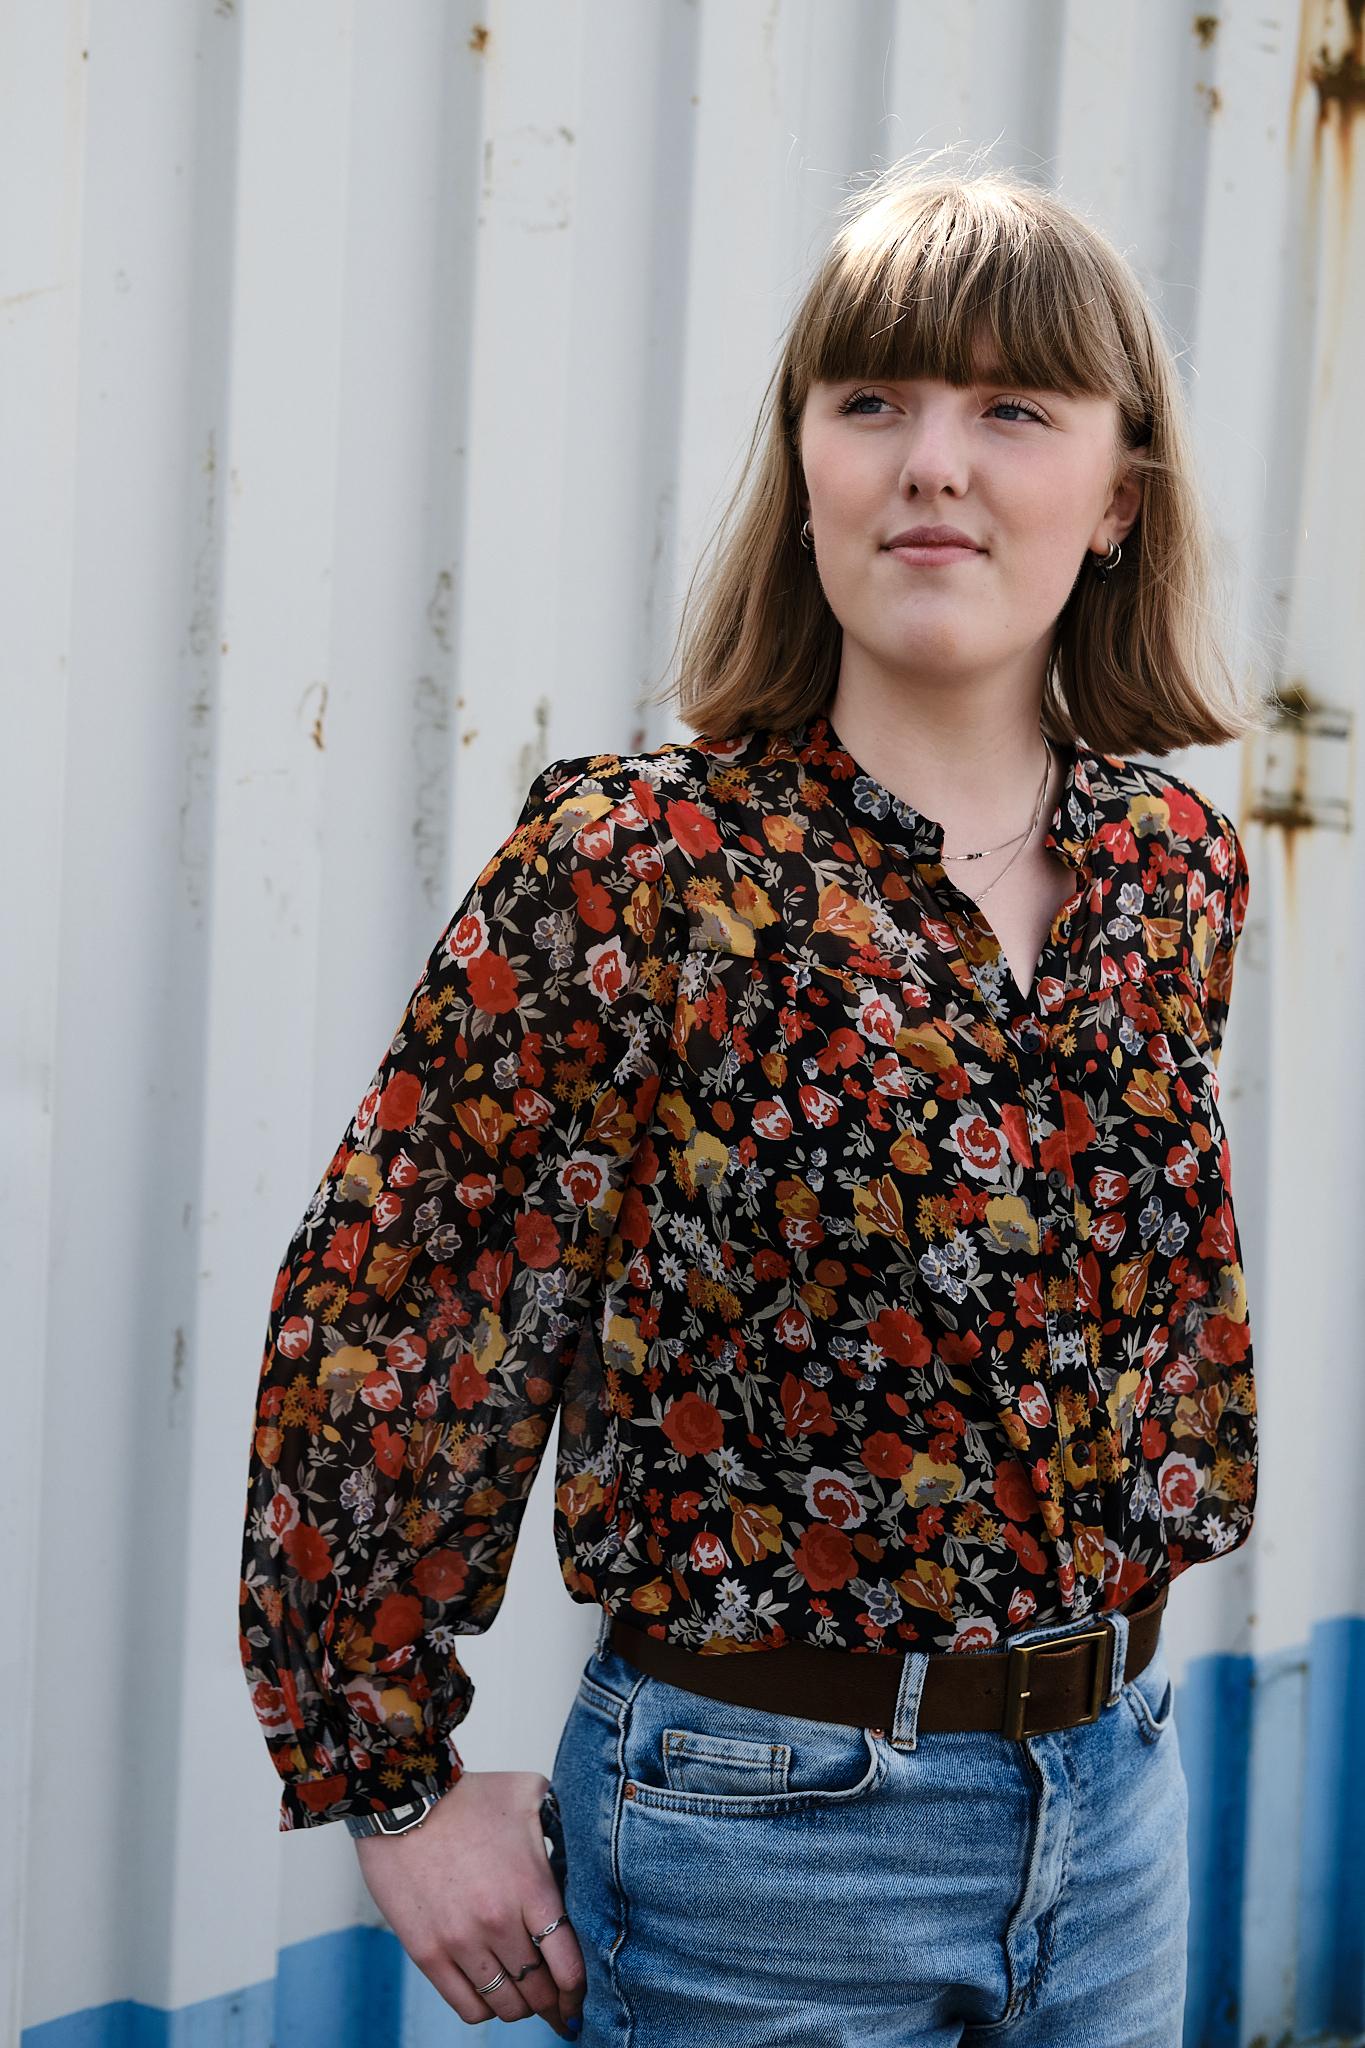 Carmen, stagiaire bij Studio Pinck